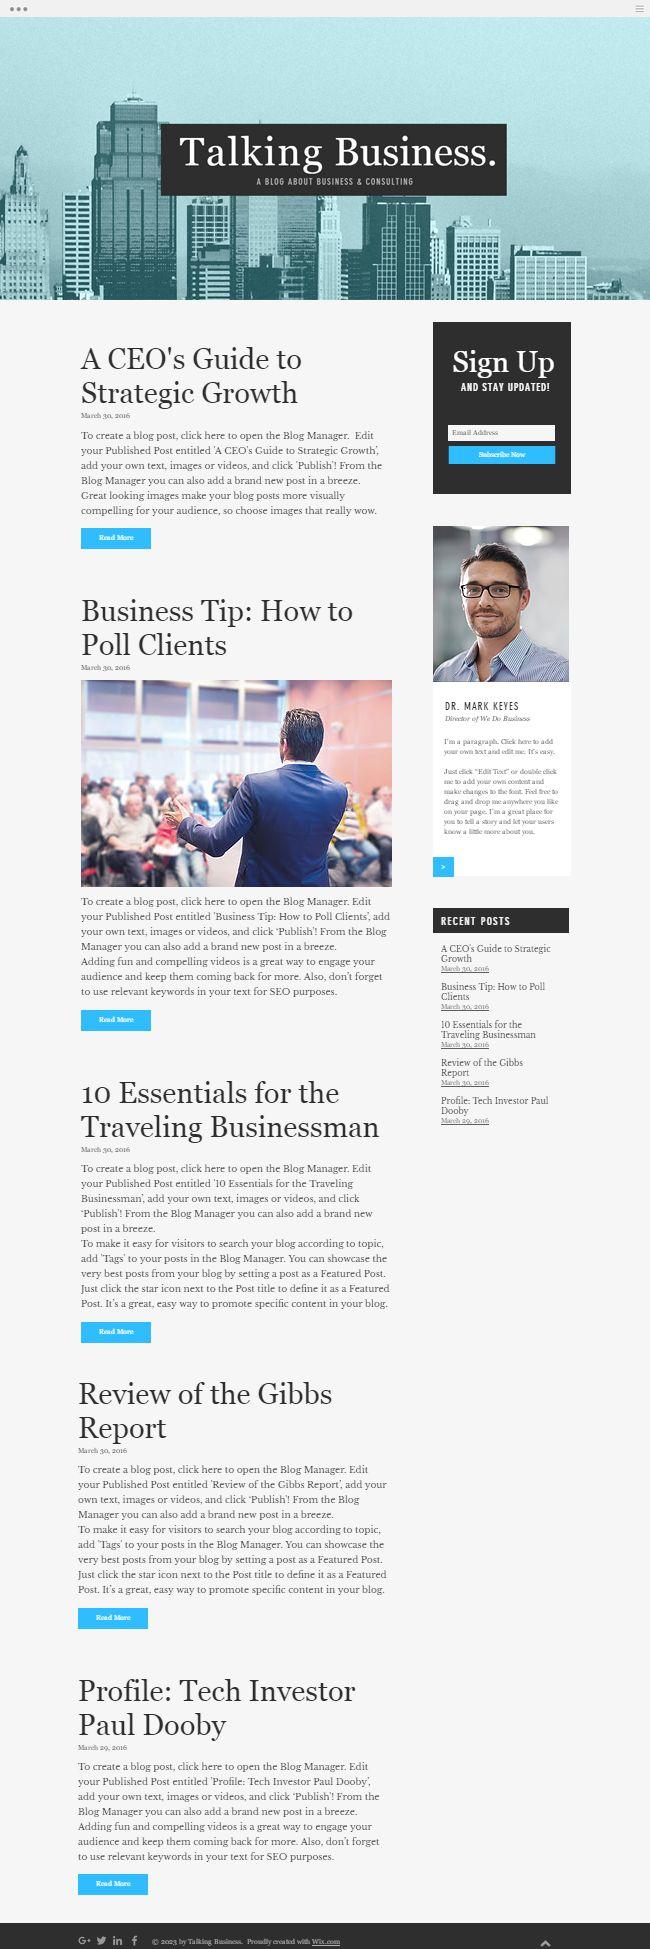 627 best wix website templates images on pinterest templates website template and advertising. Black Bedroom Furniture Sets. Home Design Ideas